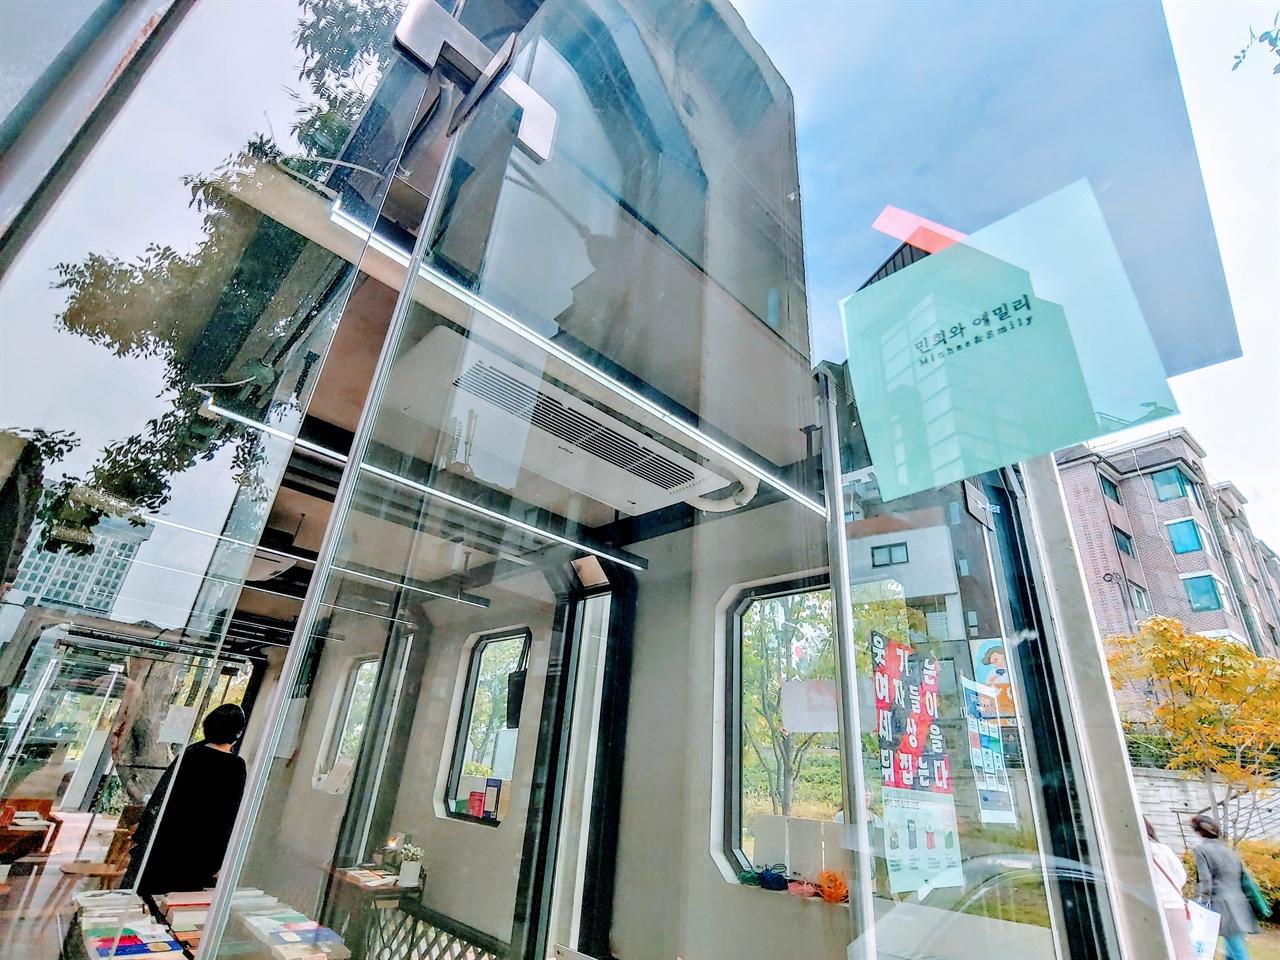 민희와에밀리 서울 지하철 홍대입구 6번 출구 경의선책거리에 독립출판사 두 곳이 터를 잡았다